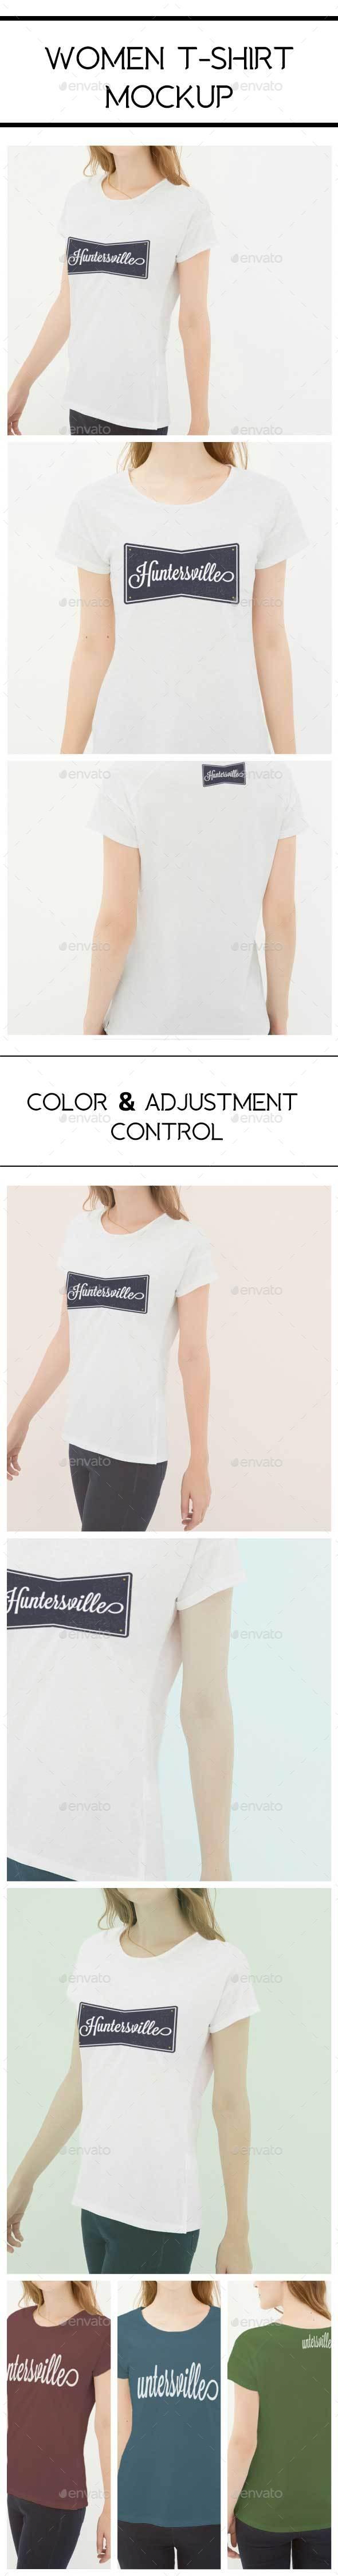 GraphicRiver Women Tshirt Mockup 20426578